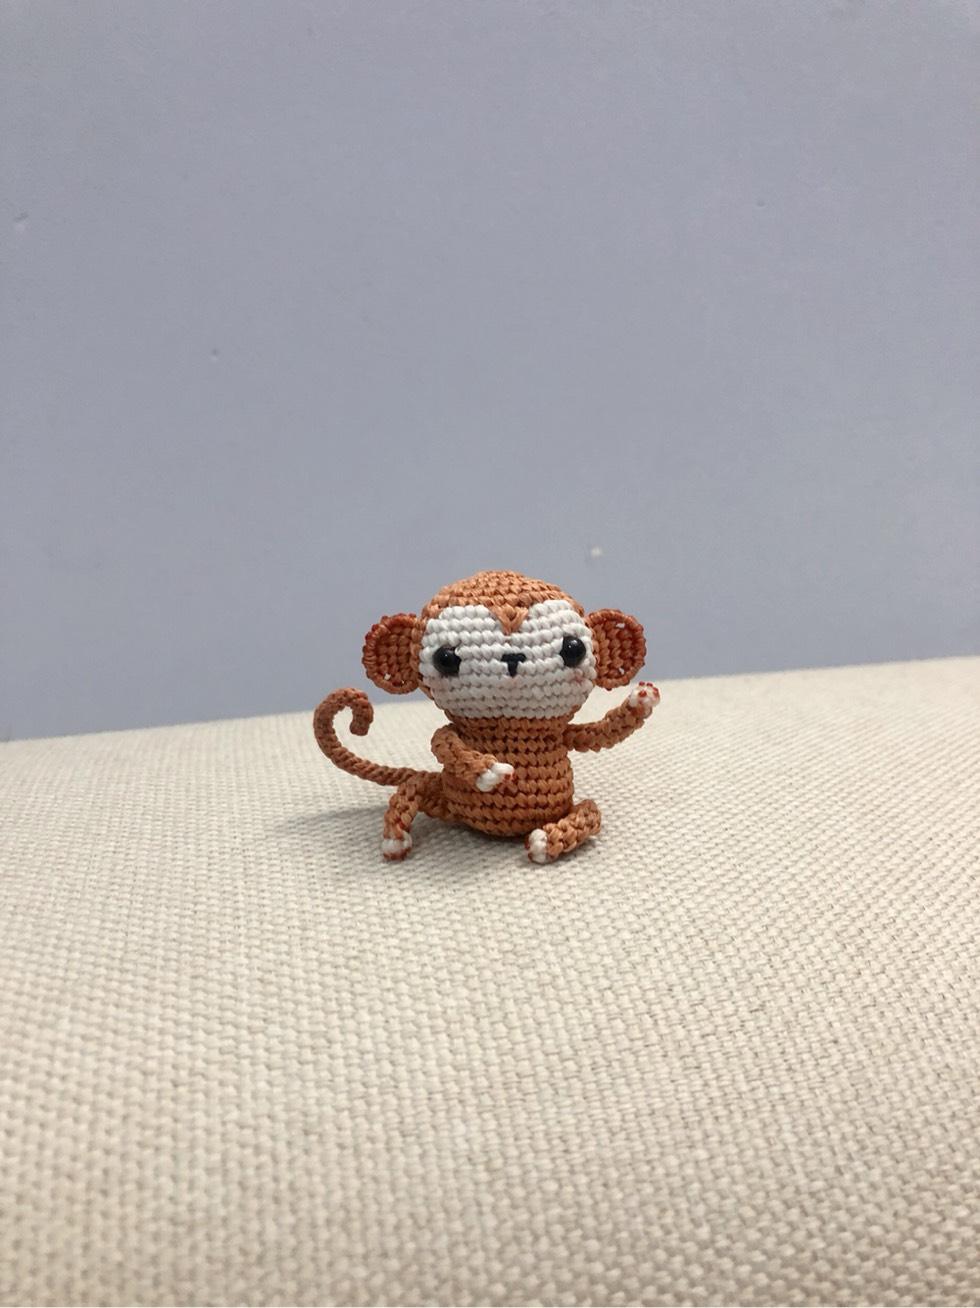 中国结论坛 十二生肖-猴几 十二生肖猴的来历简短,十二生肖猴的寓意 作品展示 180458q460xxl4xlhj0h00